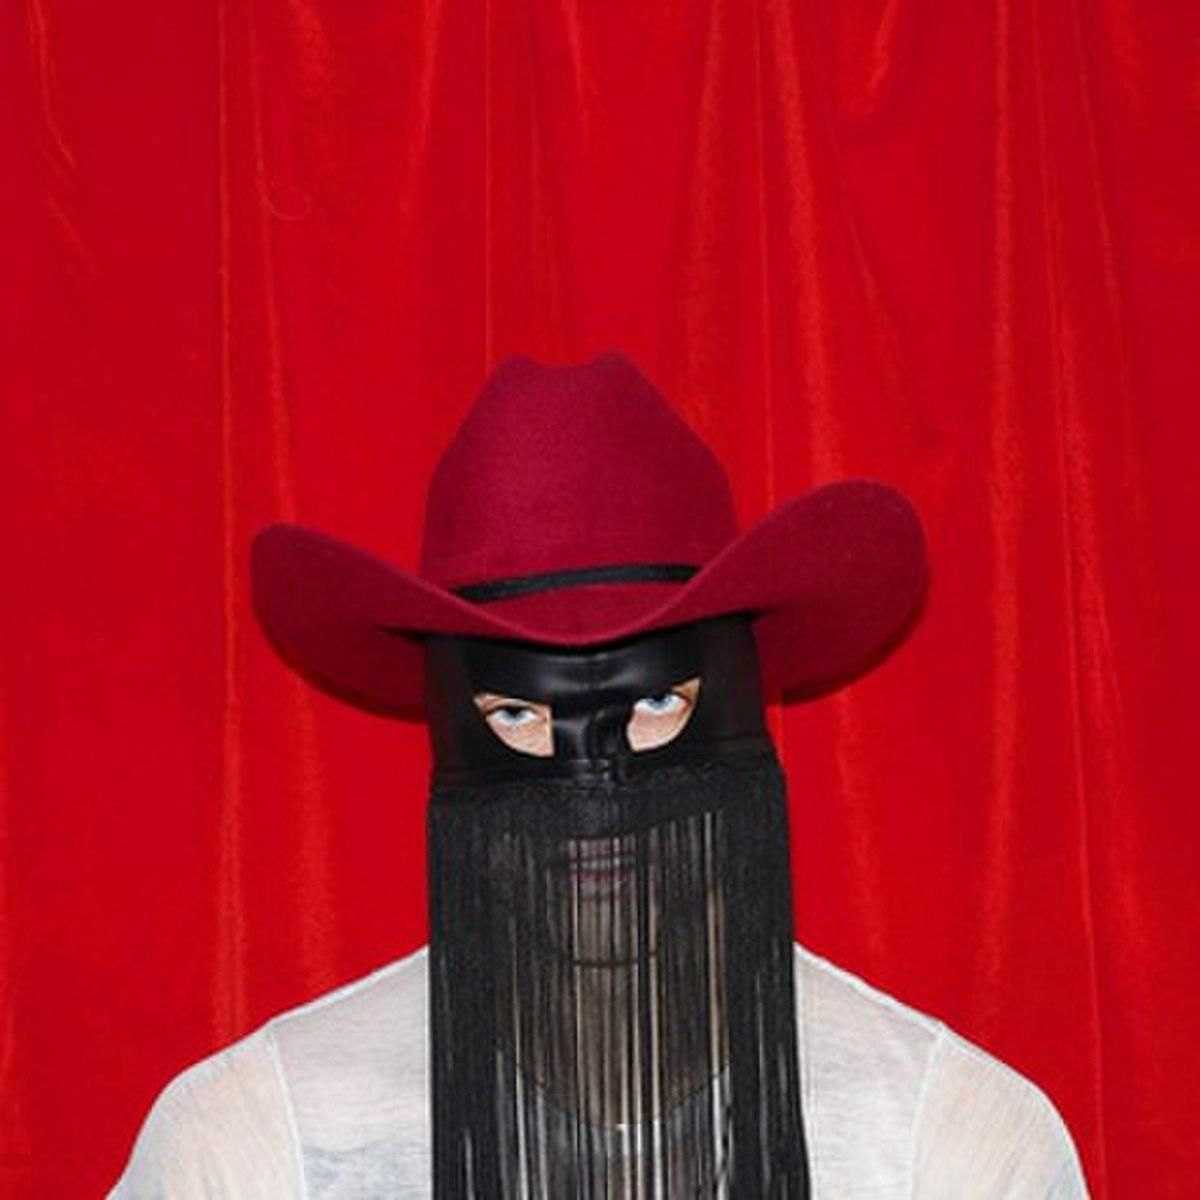 Orville Peck Album cover Pony